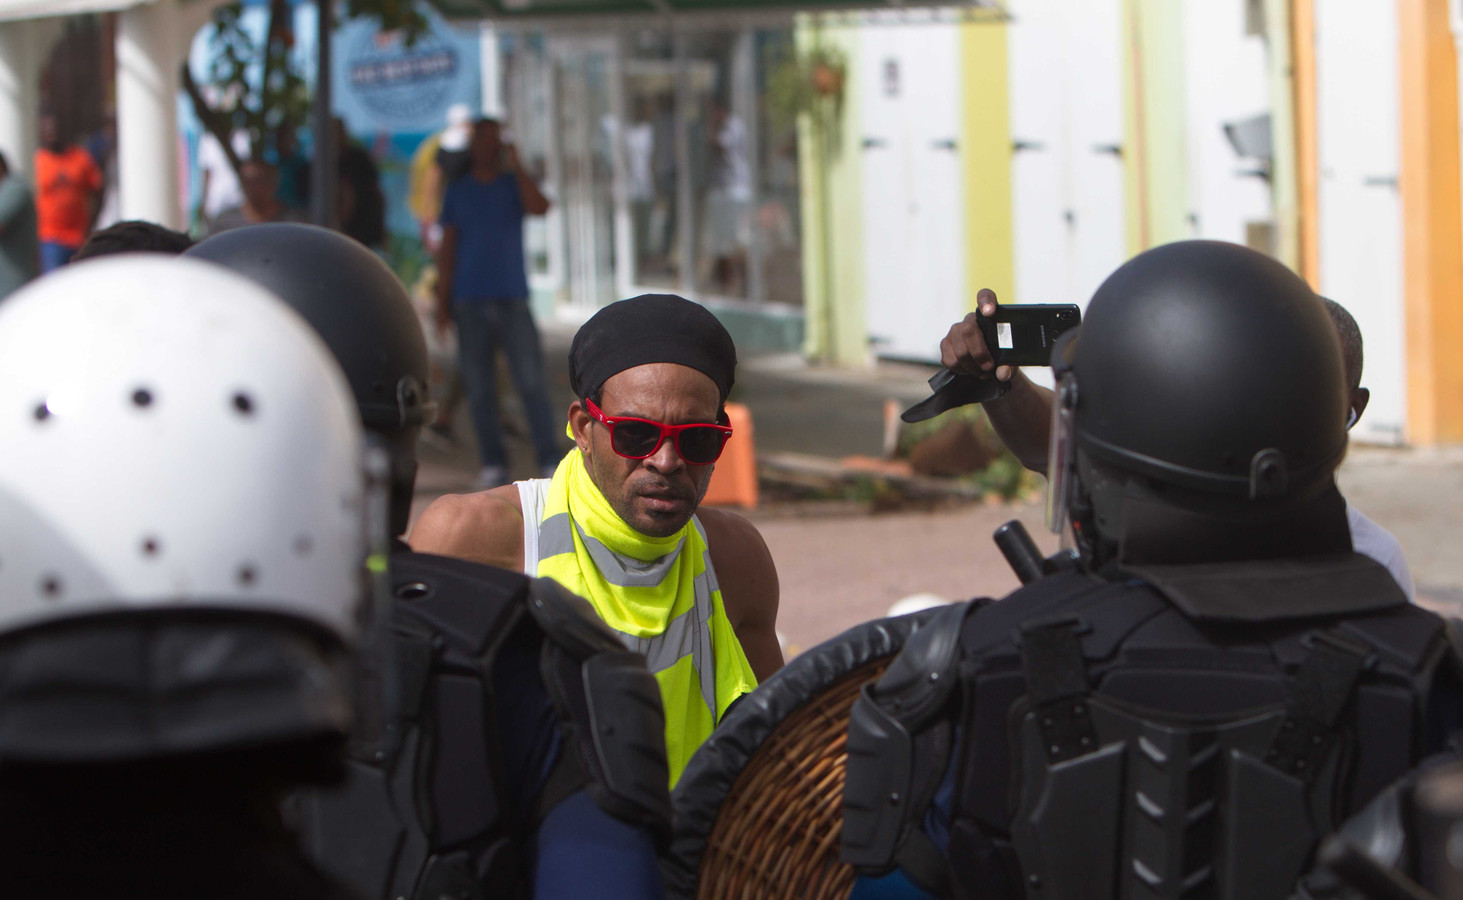 Politie treedt op tegen betogers tegen de regering in Willemstad.